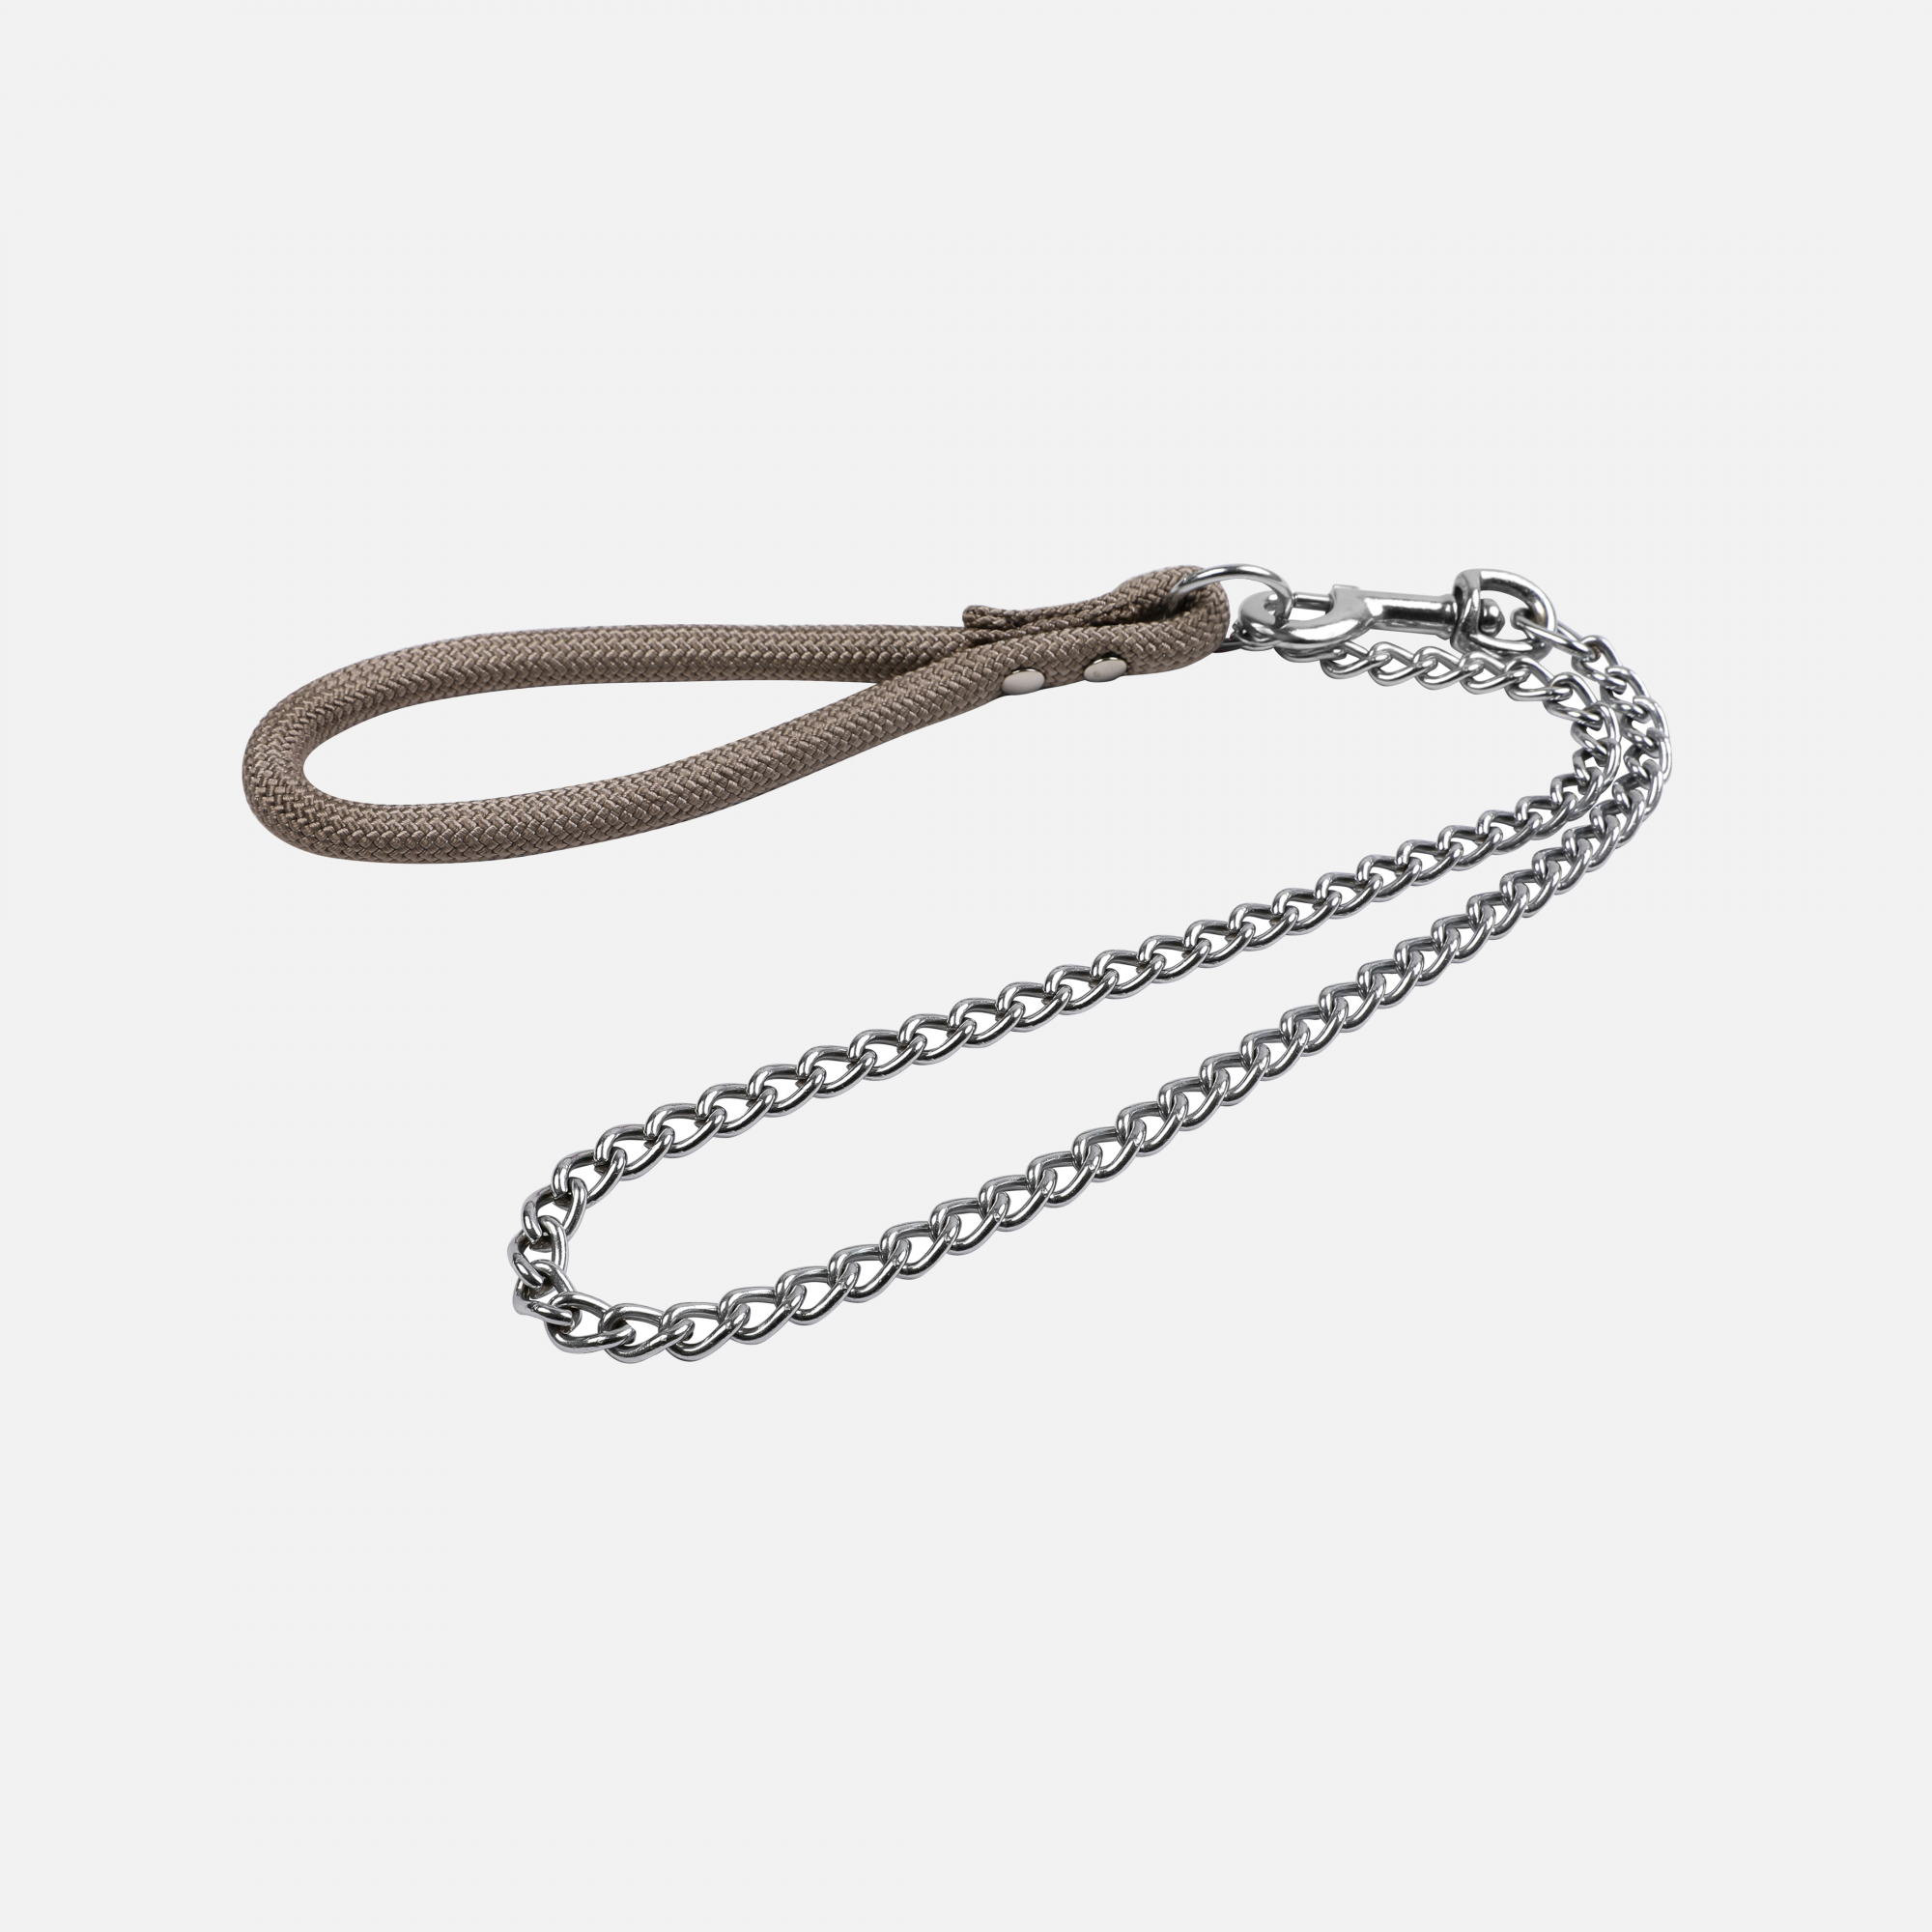 Laisse métal forte corde forte 1 m Taupe par Wouapy